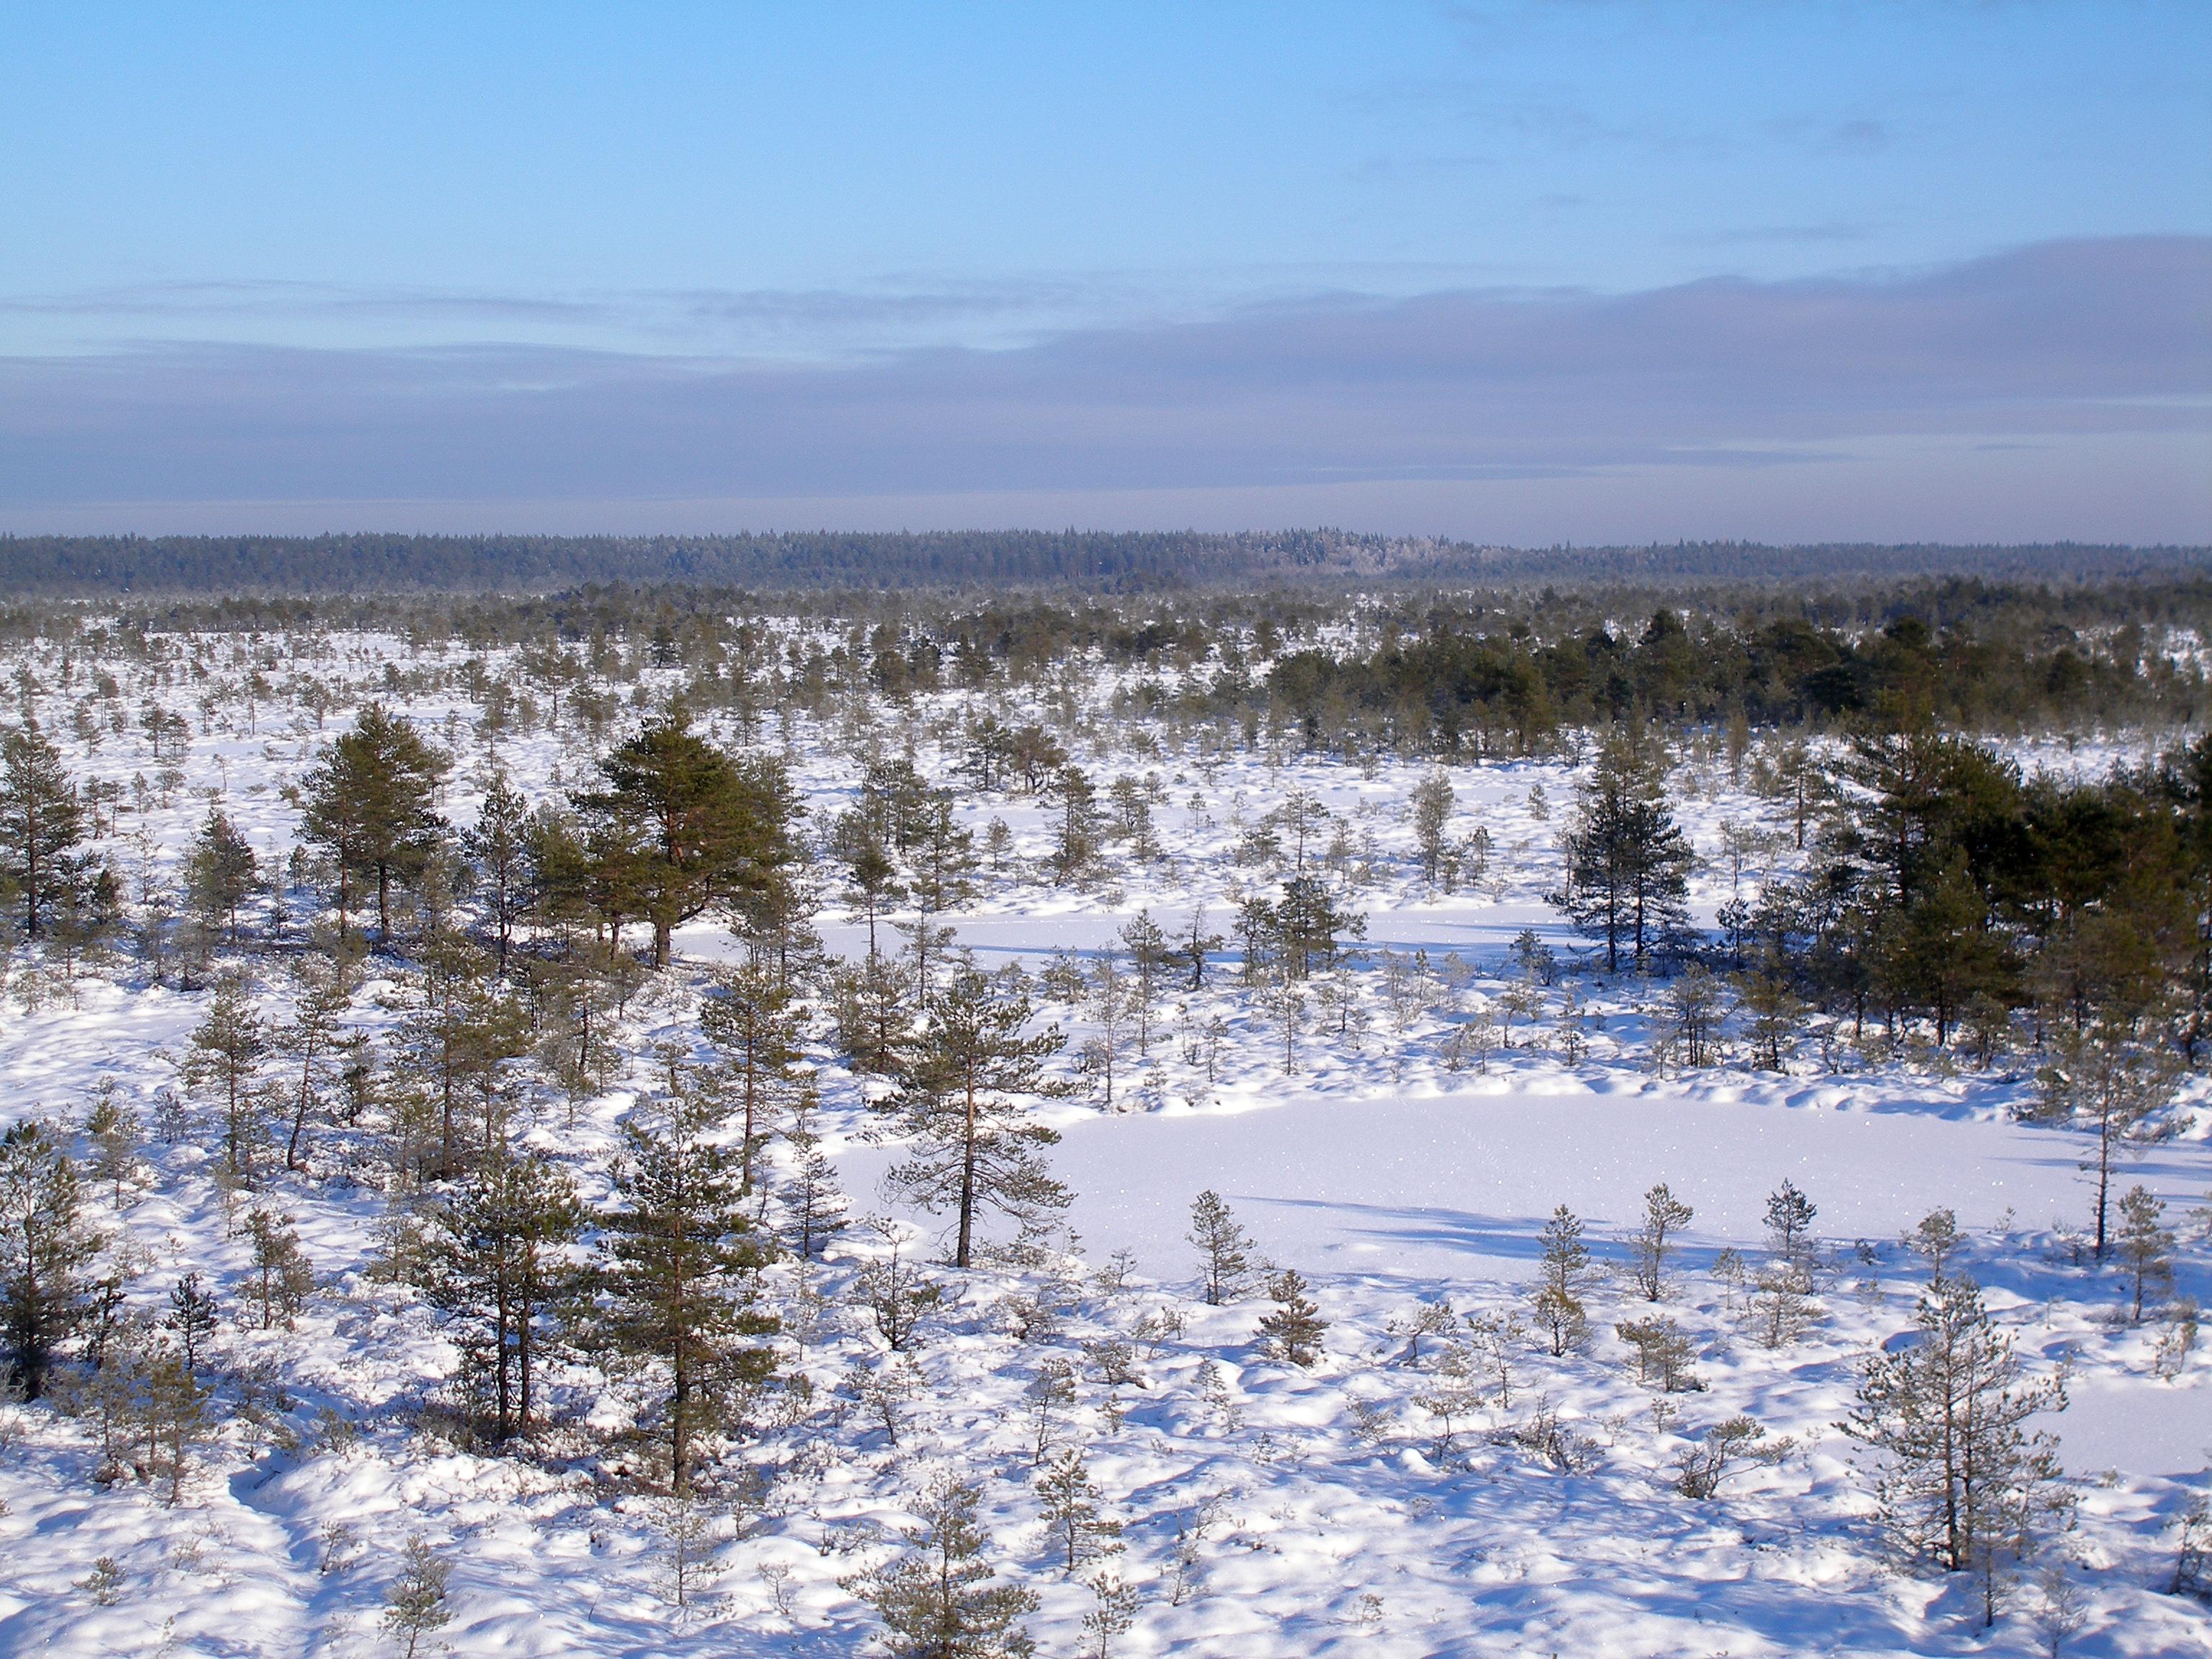 Põhja-Kõrvemaa Nature Reserve - Wikipedia